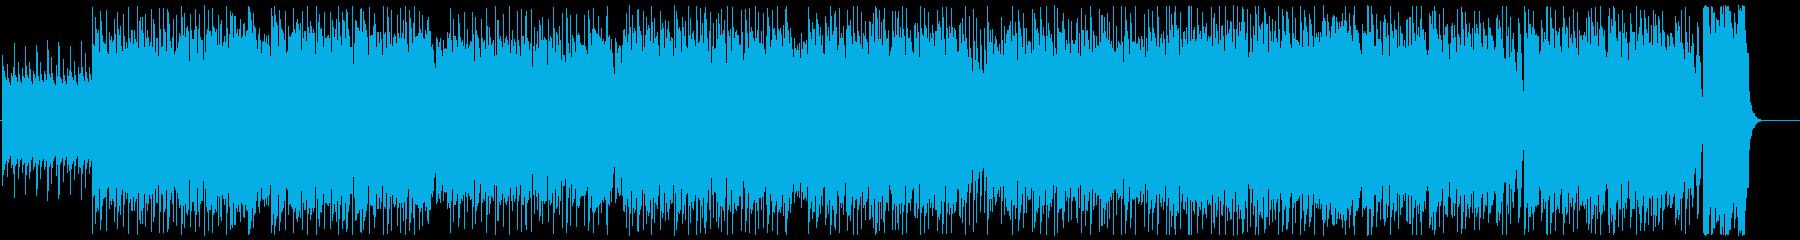 緊迫感漂うロック調なテクノの再生済みの波形